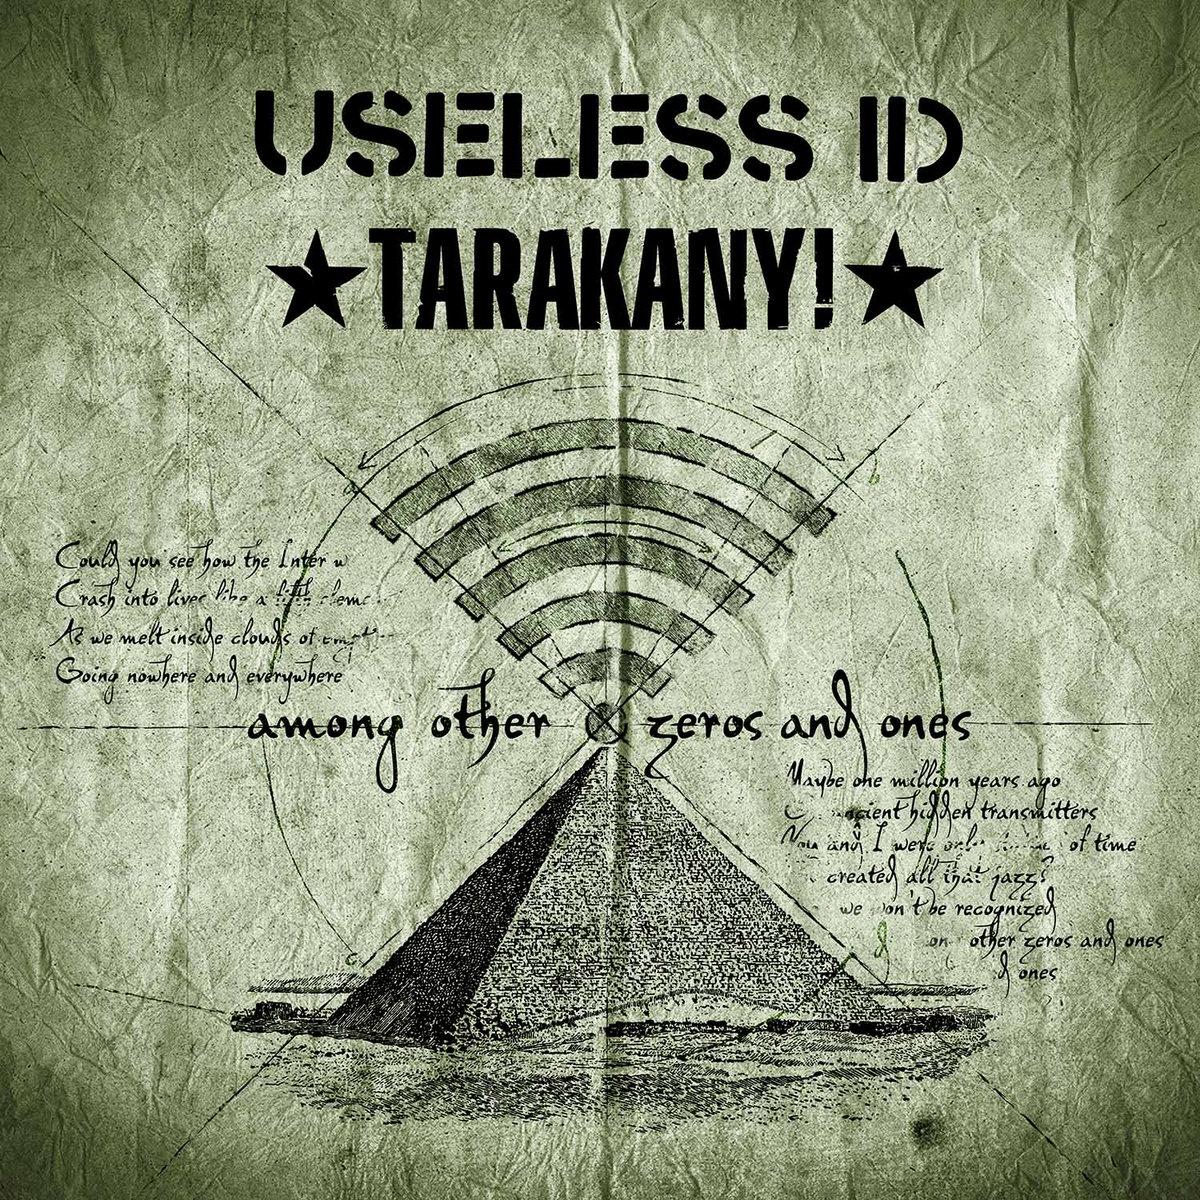 Useless ID / Tarakany! - Among Other Zeros And Ones